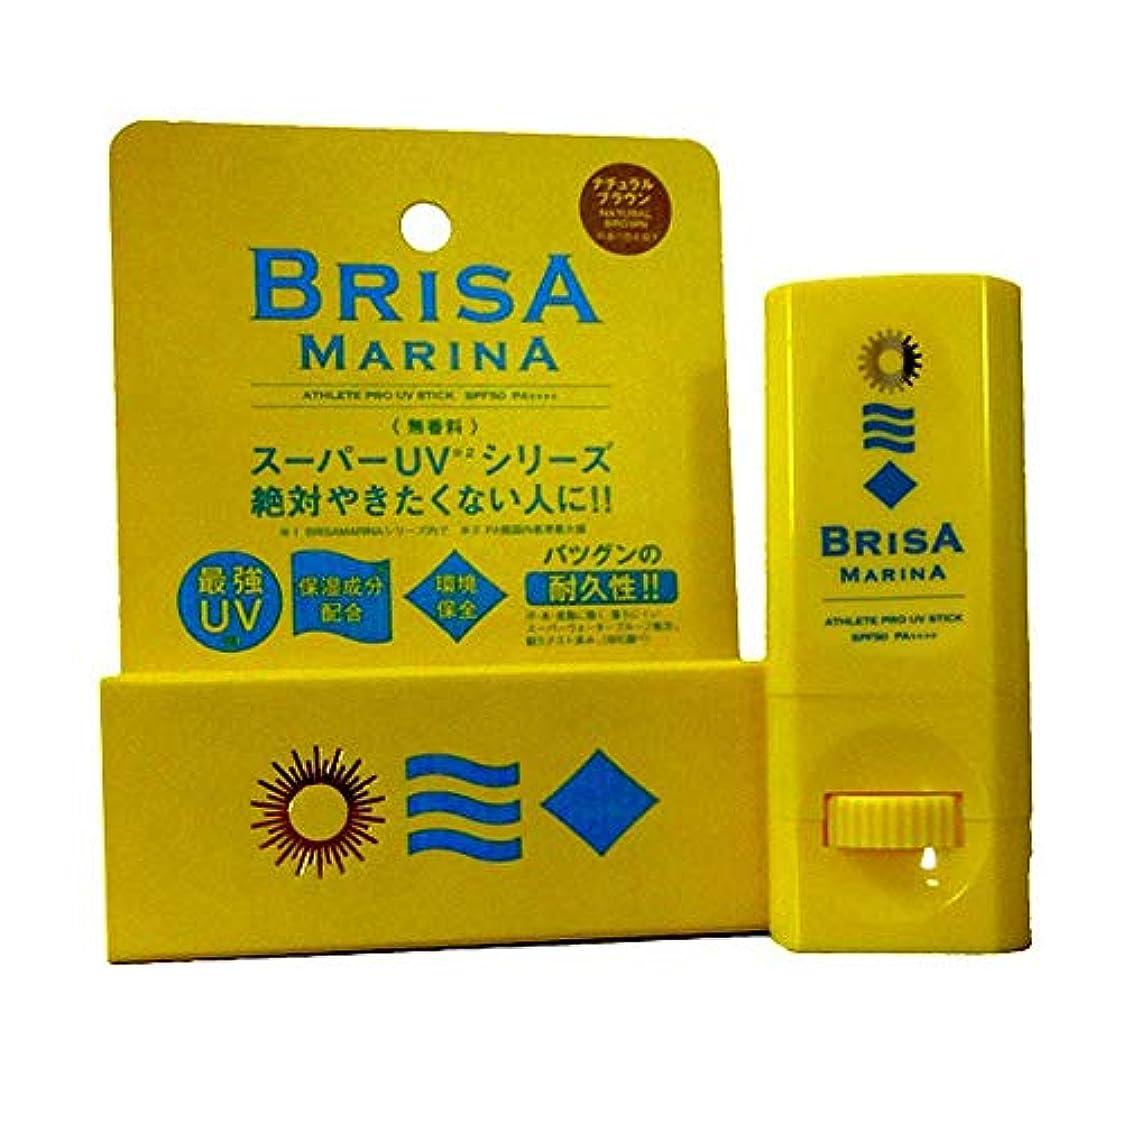 お酒マスクBRISA MARINA(ブリサマリーナ) ATHLETE PRO UV STICK 10g 日焼け止め スティック (02-NATURAL BROWN)